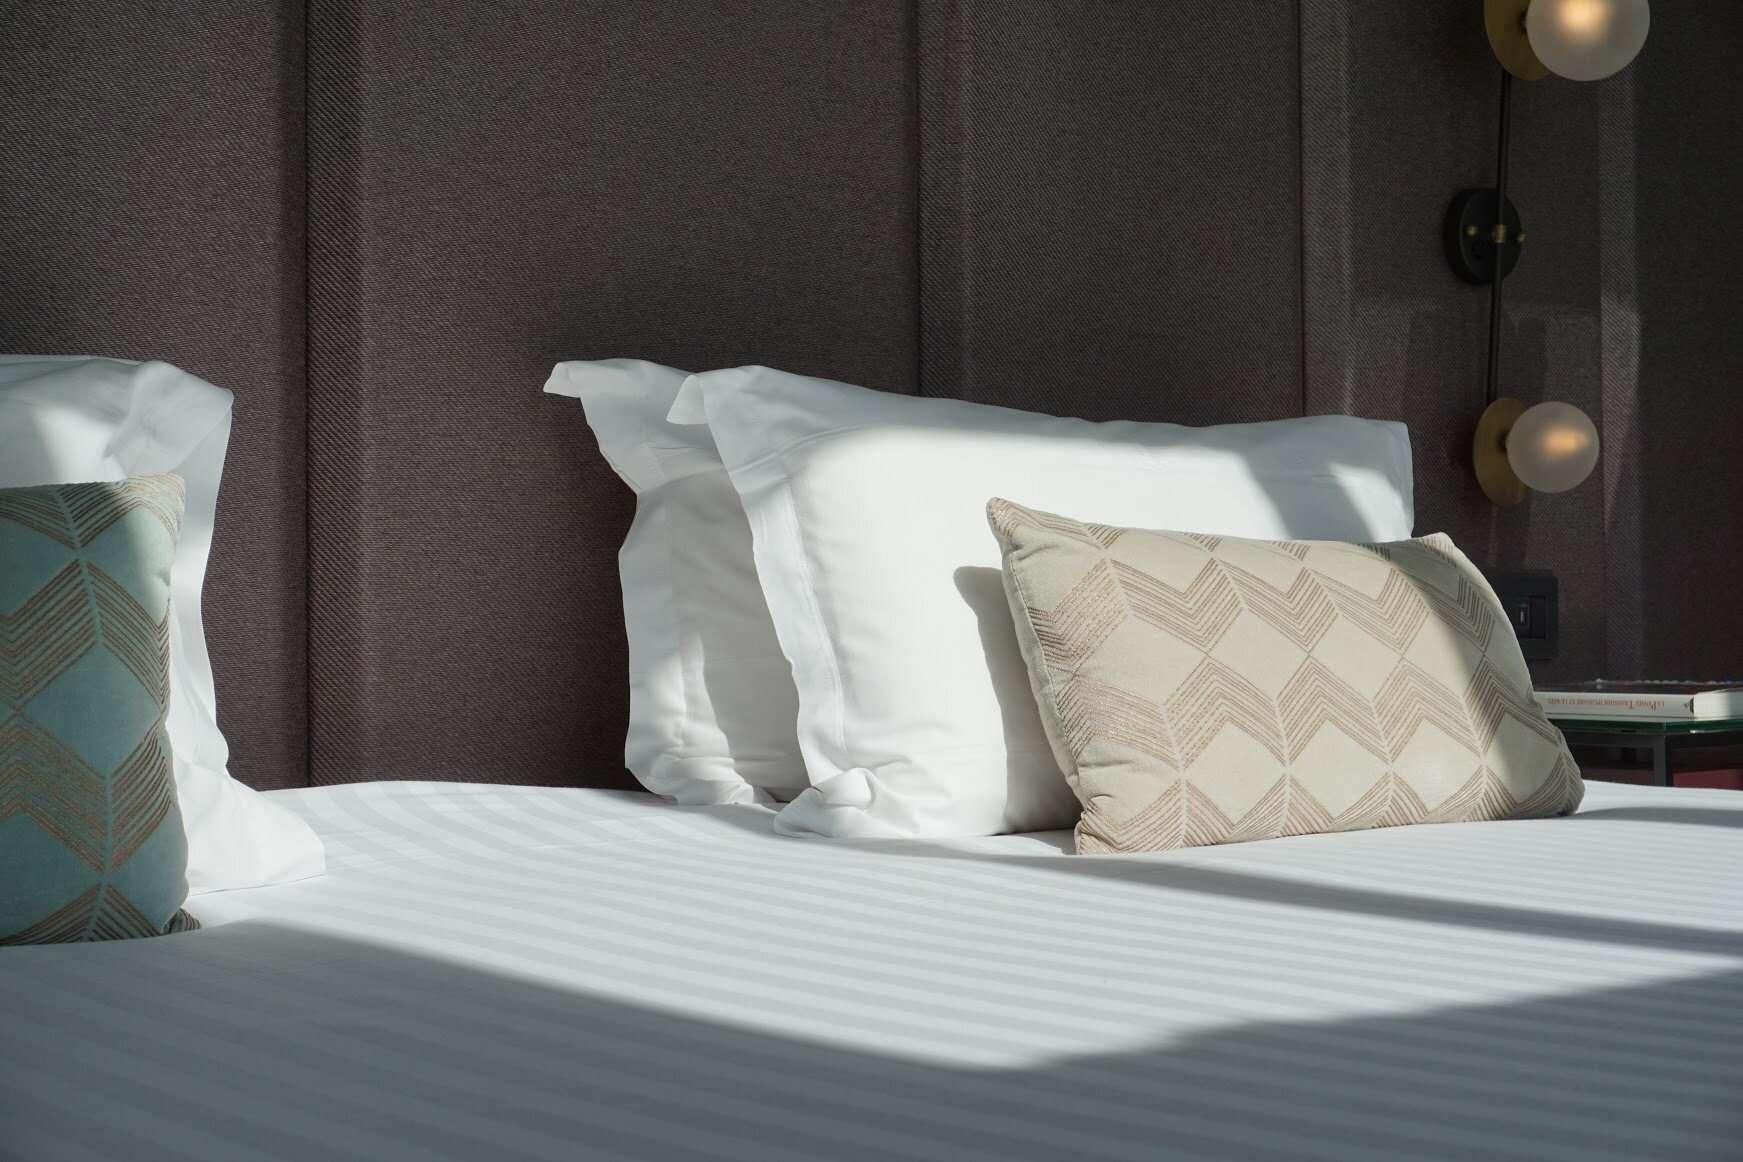 Bedroom Pillows Maison Breguet Hotel Paris